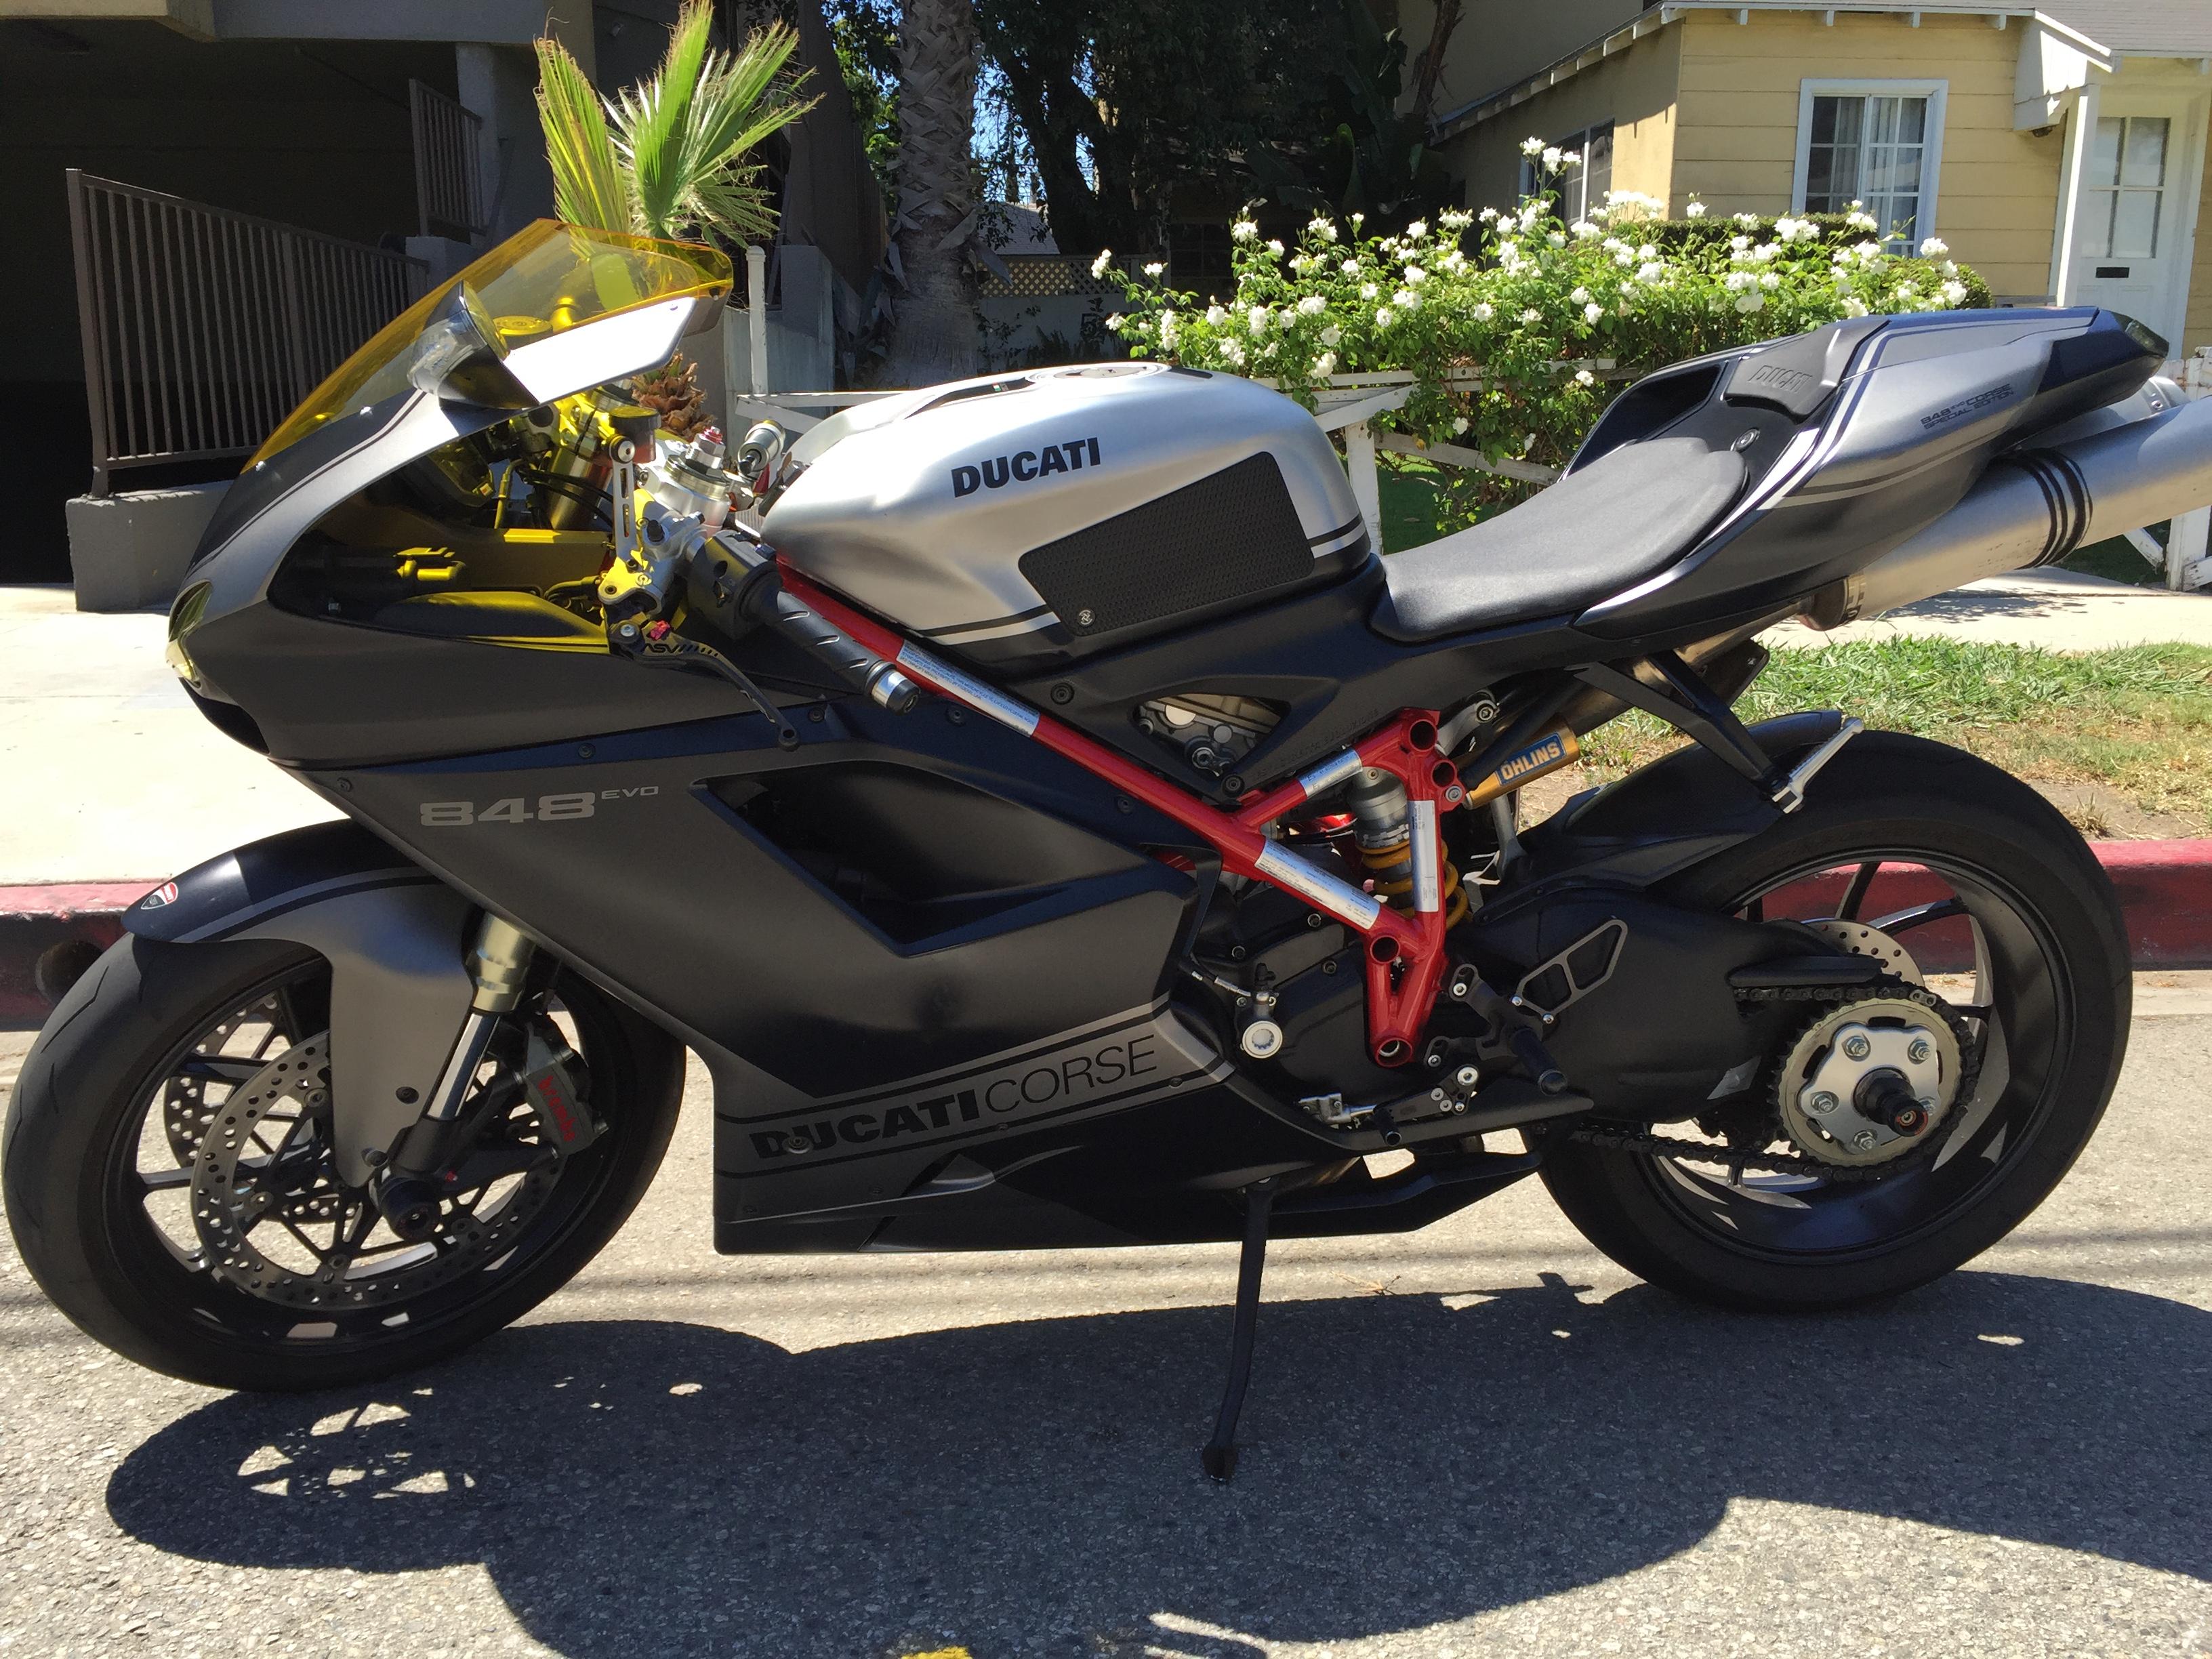 2013 Ducati 848 Evo Corse SE Rare FOR SALE - ducati.org forum | the ...